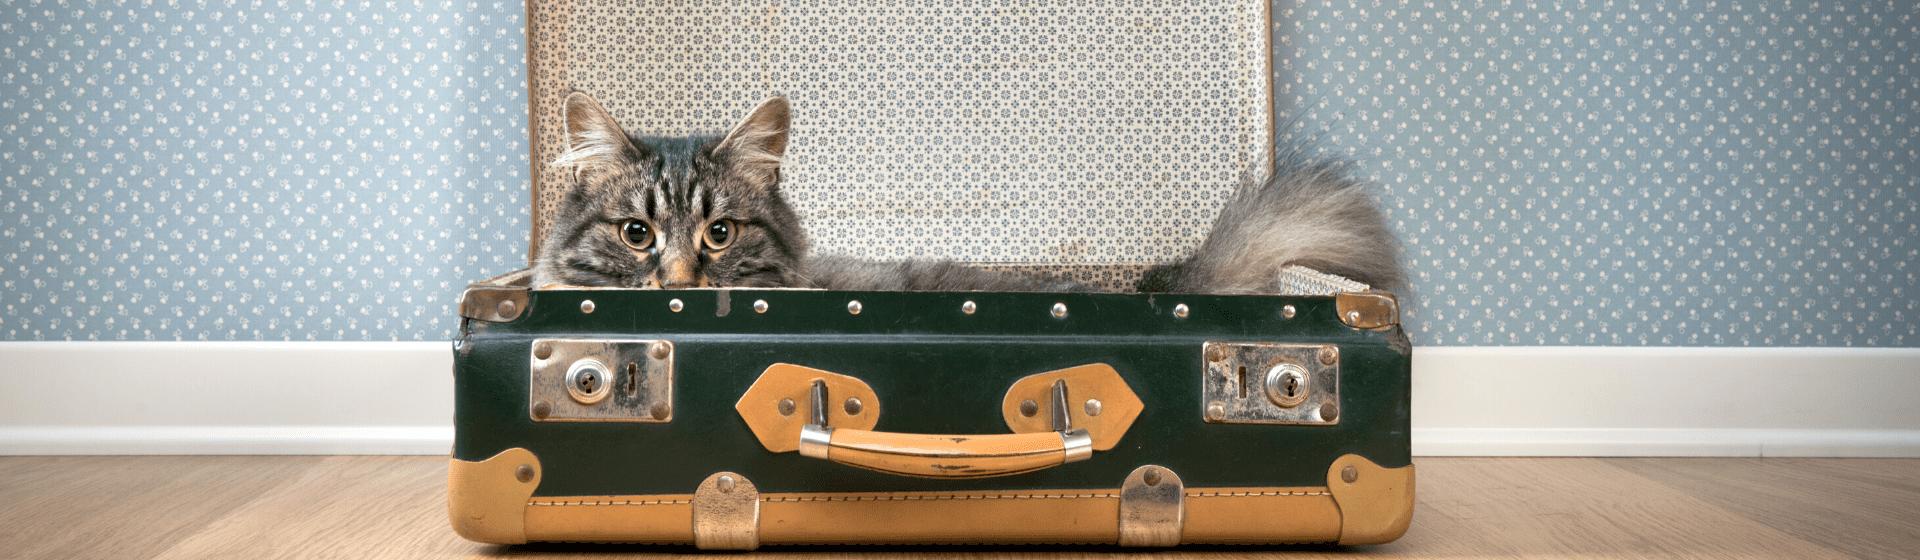 O que é preciso para viajar com um gato?